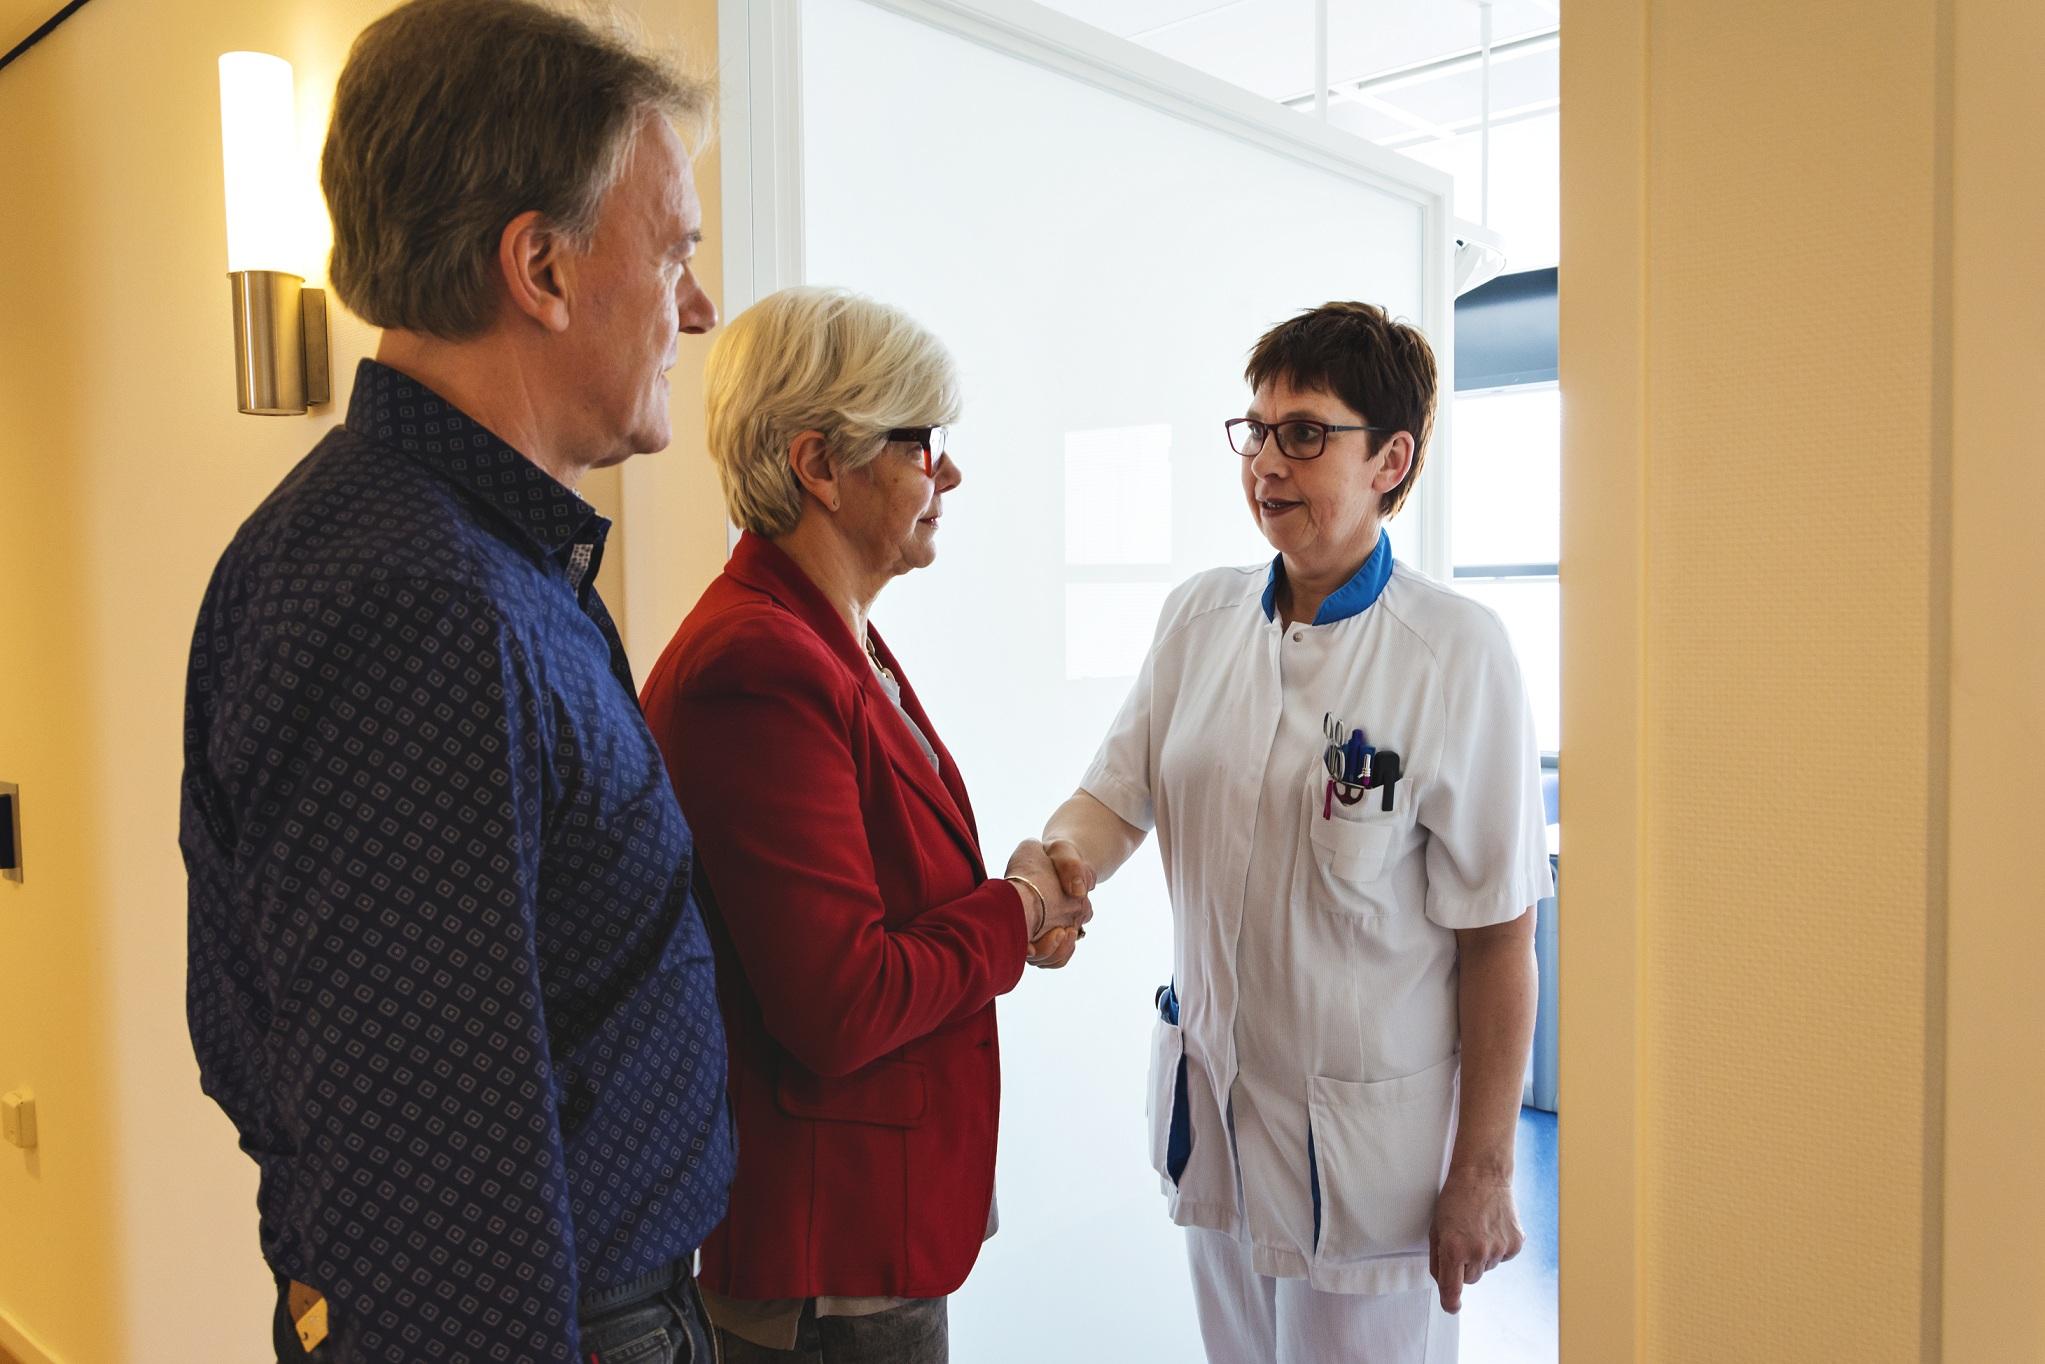 gesprek met verpleegkundige. vragen en antwoorden